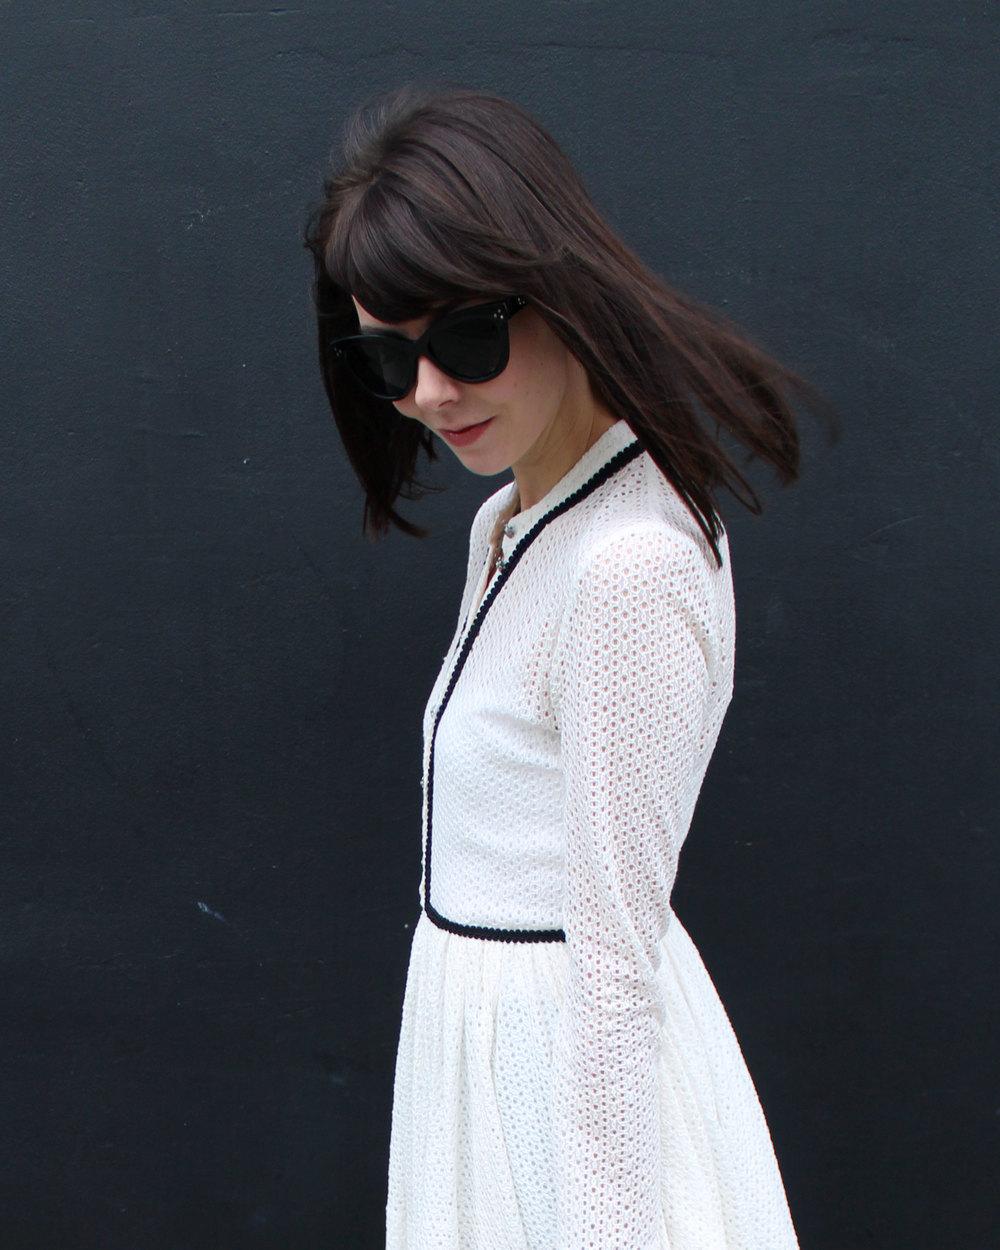 Wearing a white lace Maje dress and oversized black sunglasses.